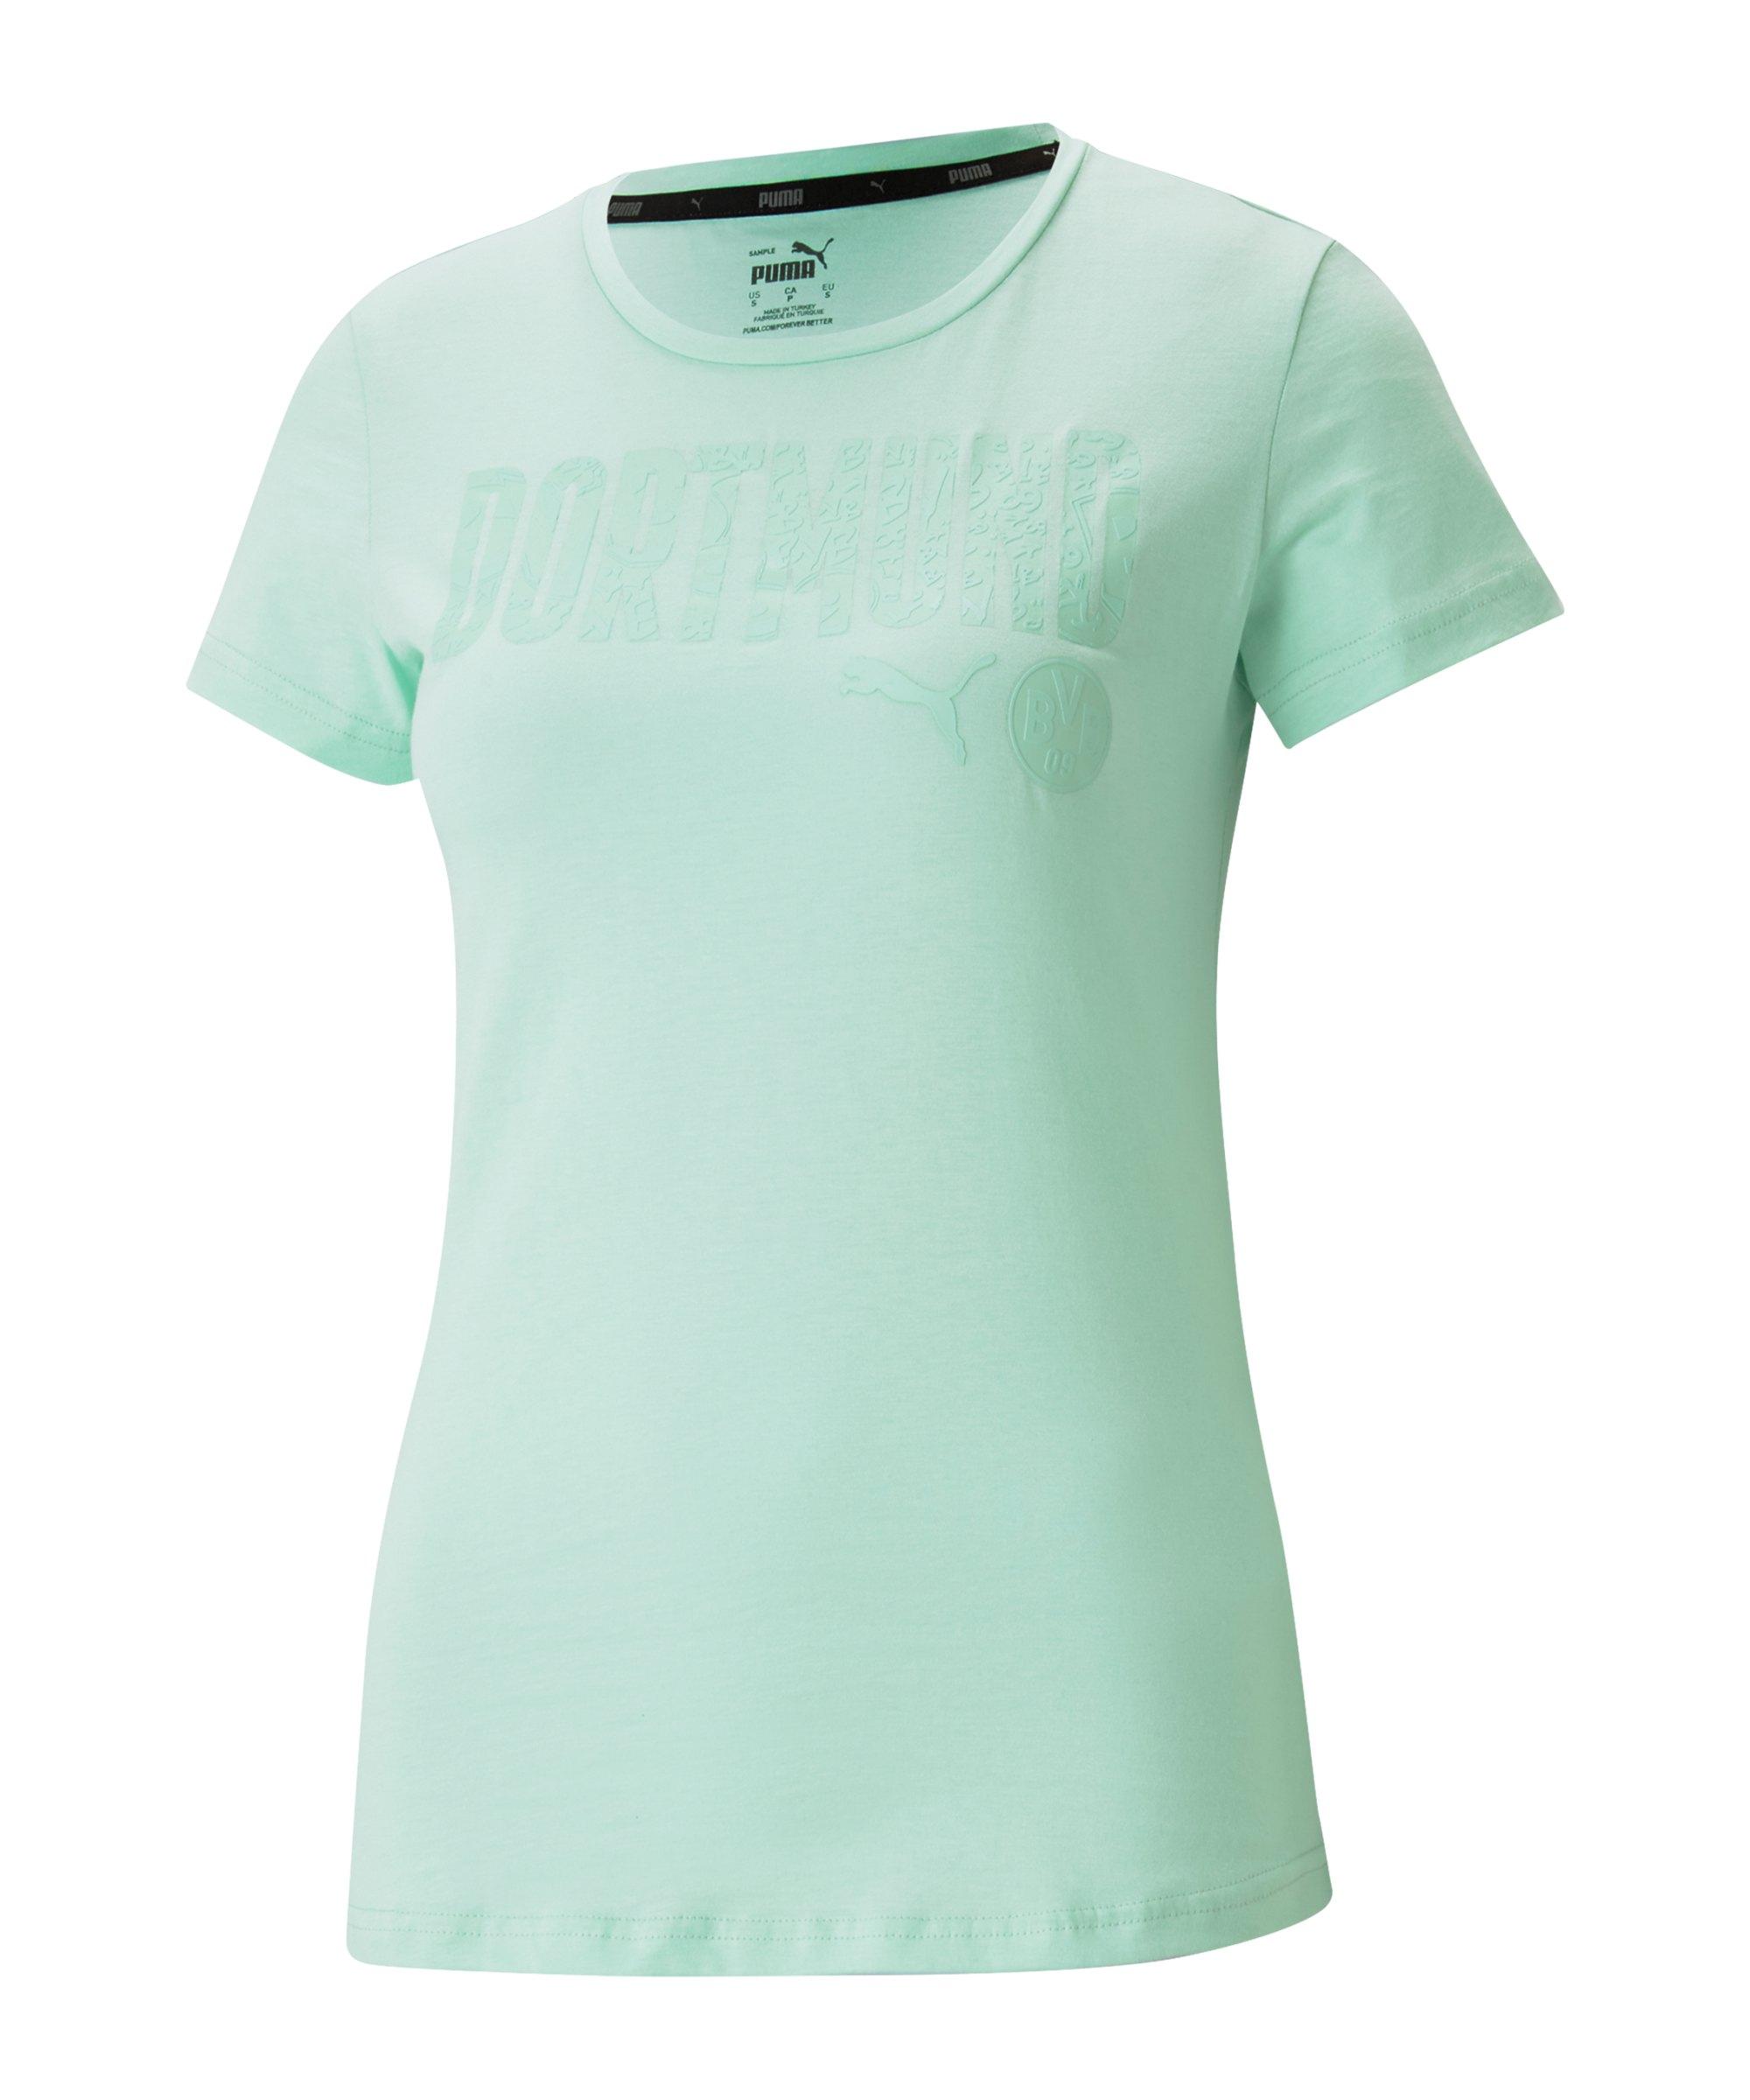 PUMA BVB Dortmund ftblCore T-Shirt Damen Grün F07 - gruen